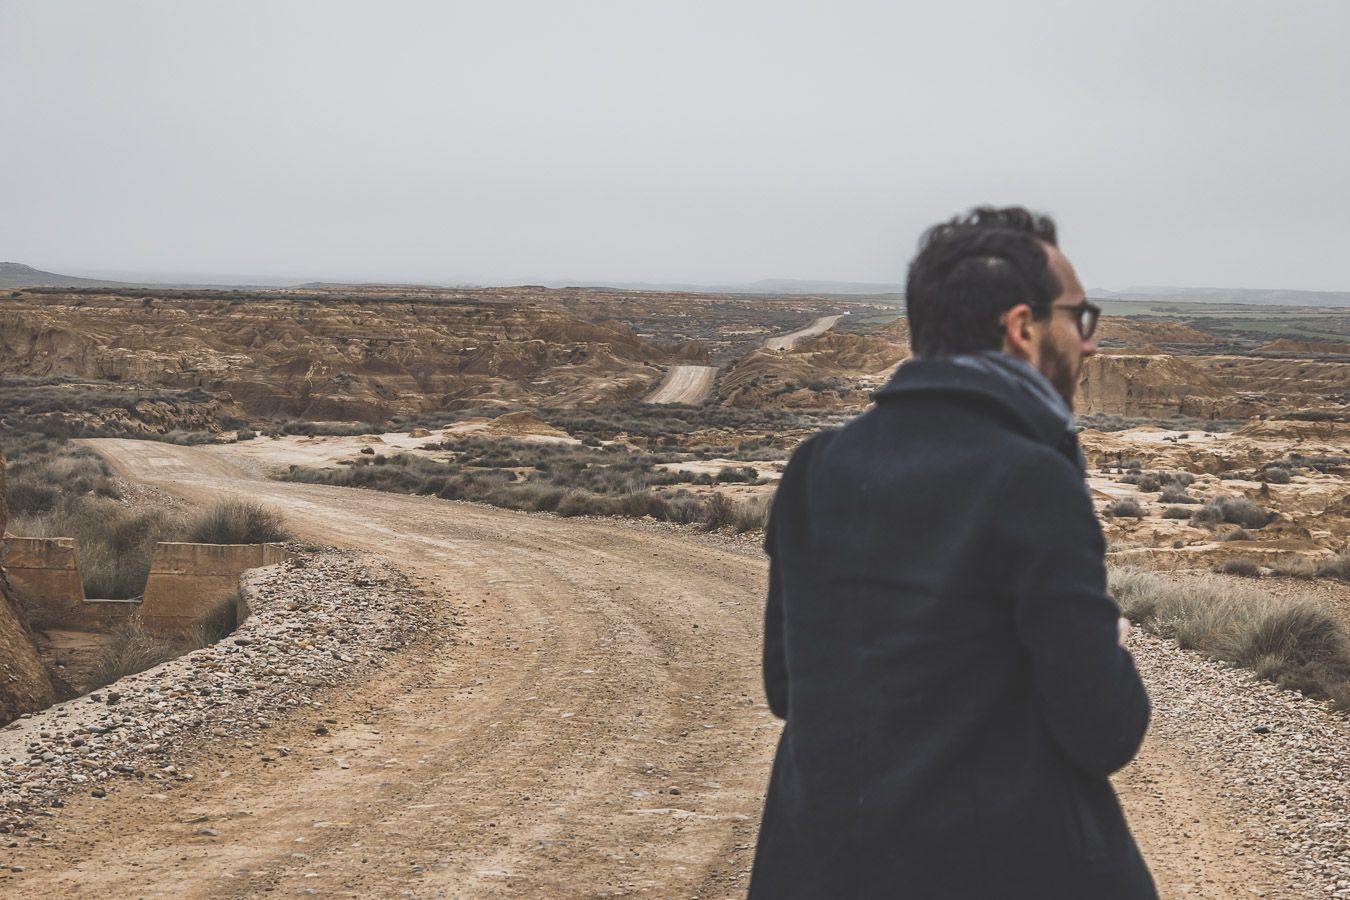 Découvrir le désert des Bardenas Reales